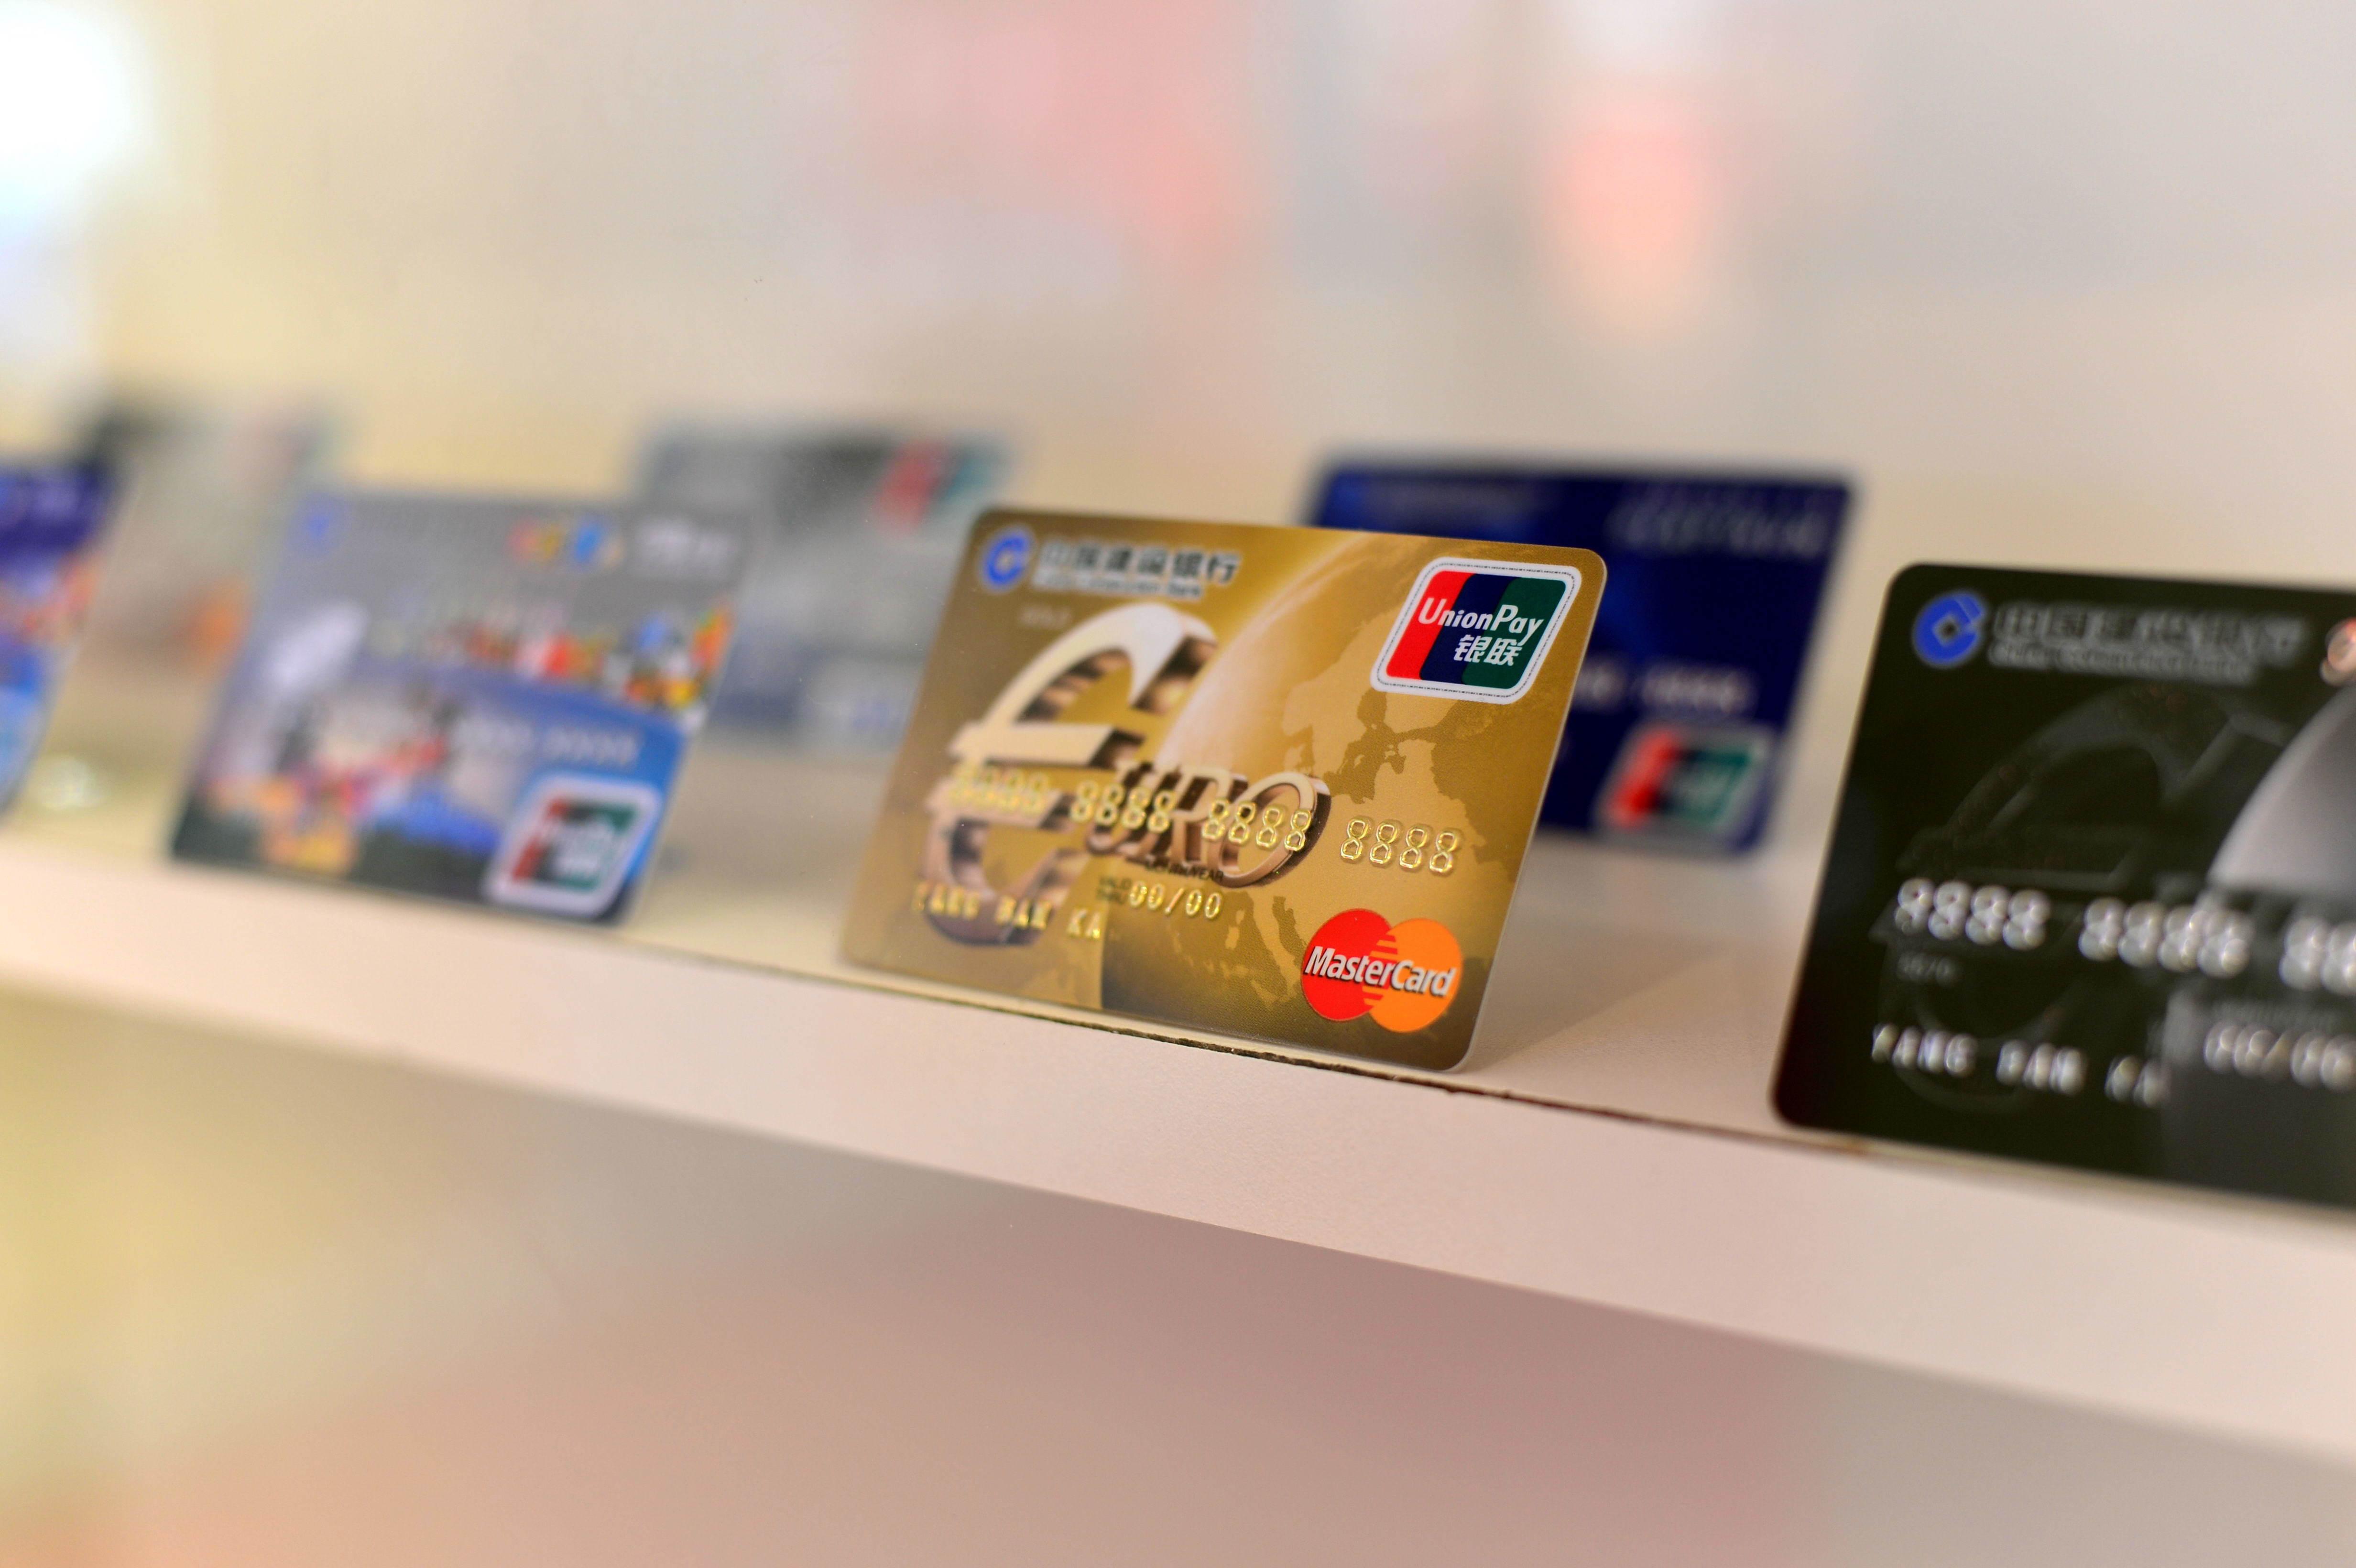 目前值得办的高端信用卡,你手里有几张了?